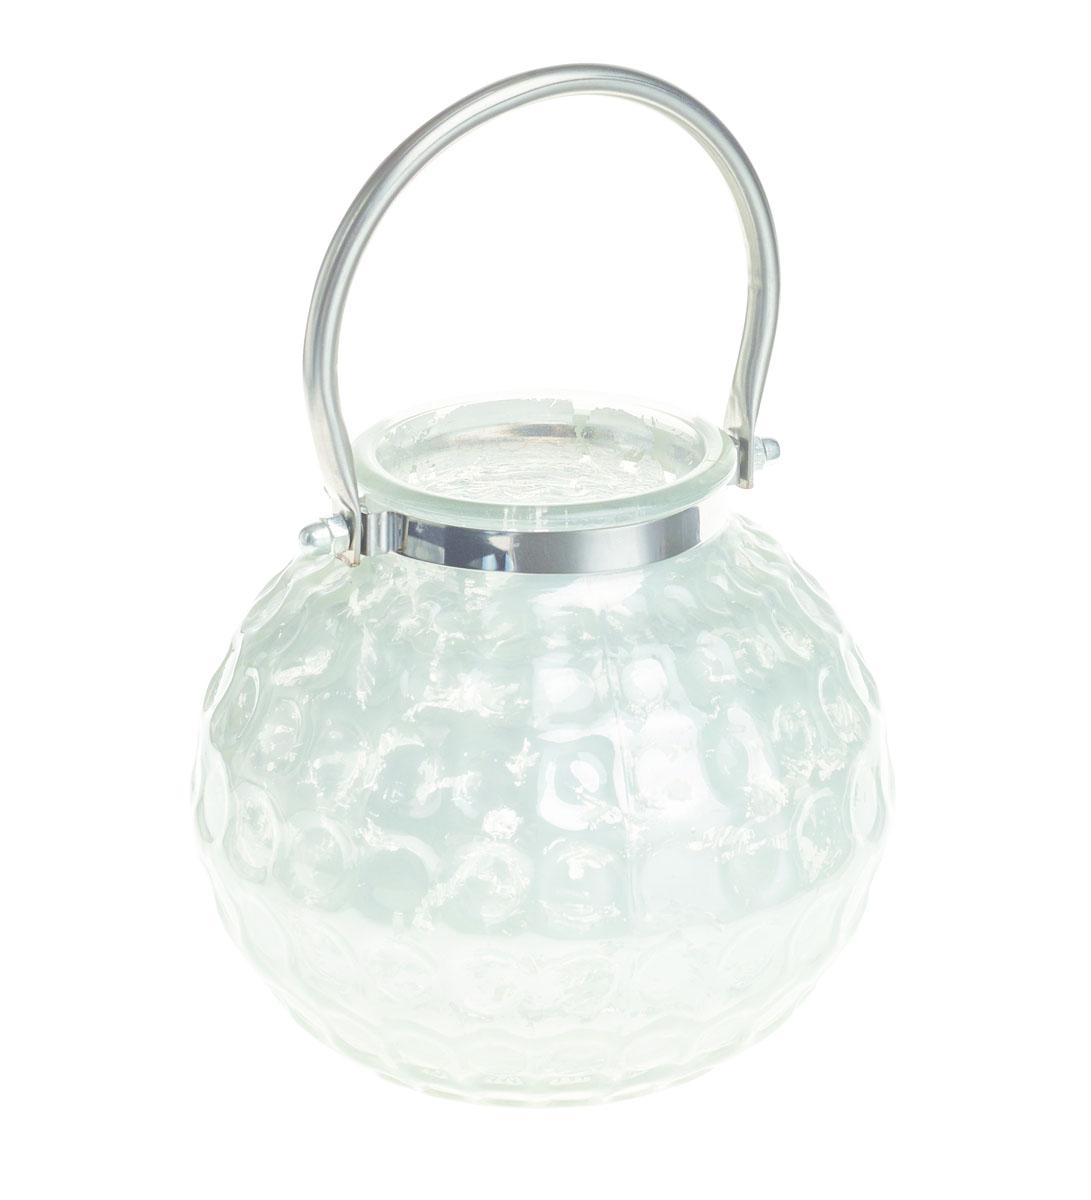 Подсвечник Gardman Honey Pot. Medium, цвет: белый, 13 см17836Декоративный подсвечник Gardman Honey Pot. Medium изготовлен из высококачественного стекла с металлической фольгой внутри. Он позволит украсить интерьер дома или рабочего кабинета оригинальным образом. Вы можете поставить или подвесить подсвечник в любом месте, где он будет удачно смотреться и радовать глаз. Кроме того - это отличный вариант подарка для ваших близких и друзей.